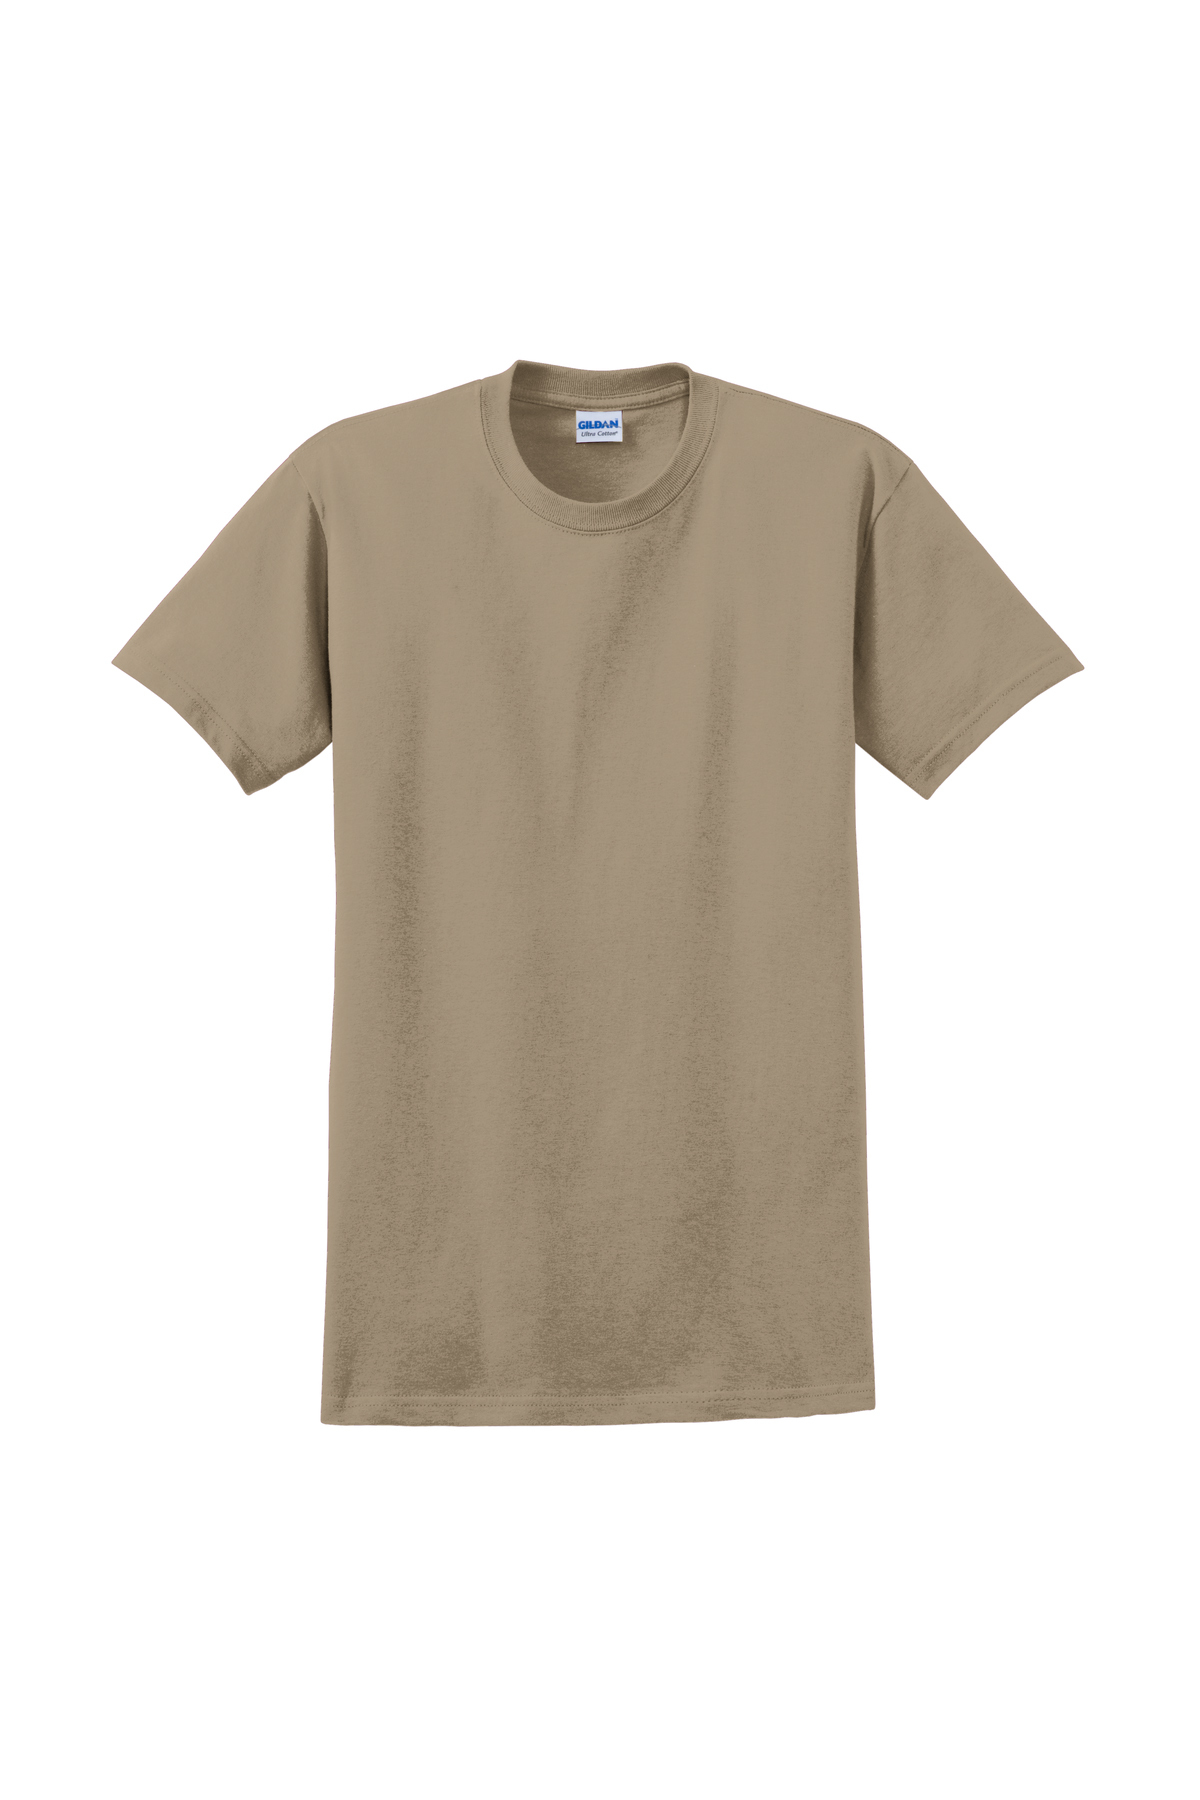 Gildan 174 Ultra Cotton 174 100 Cotton T Shirt 6 6 1 100